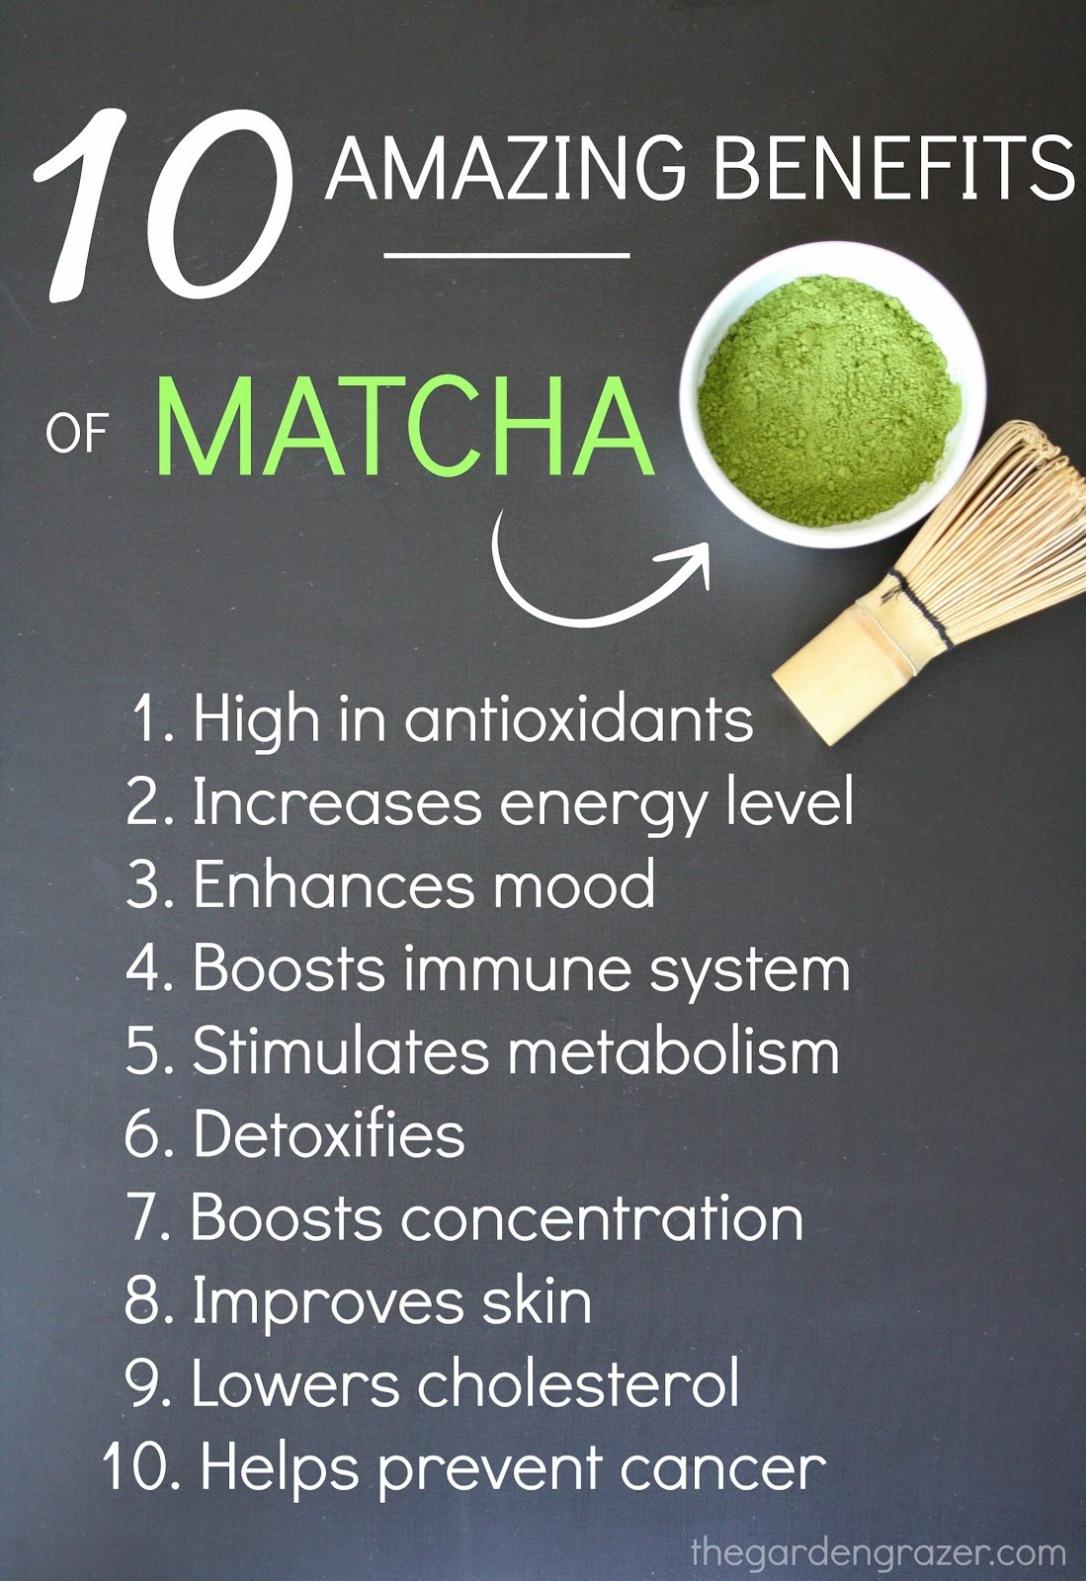 matchabenefits2